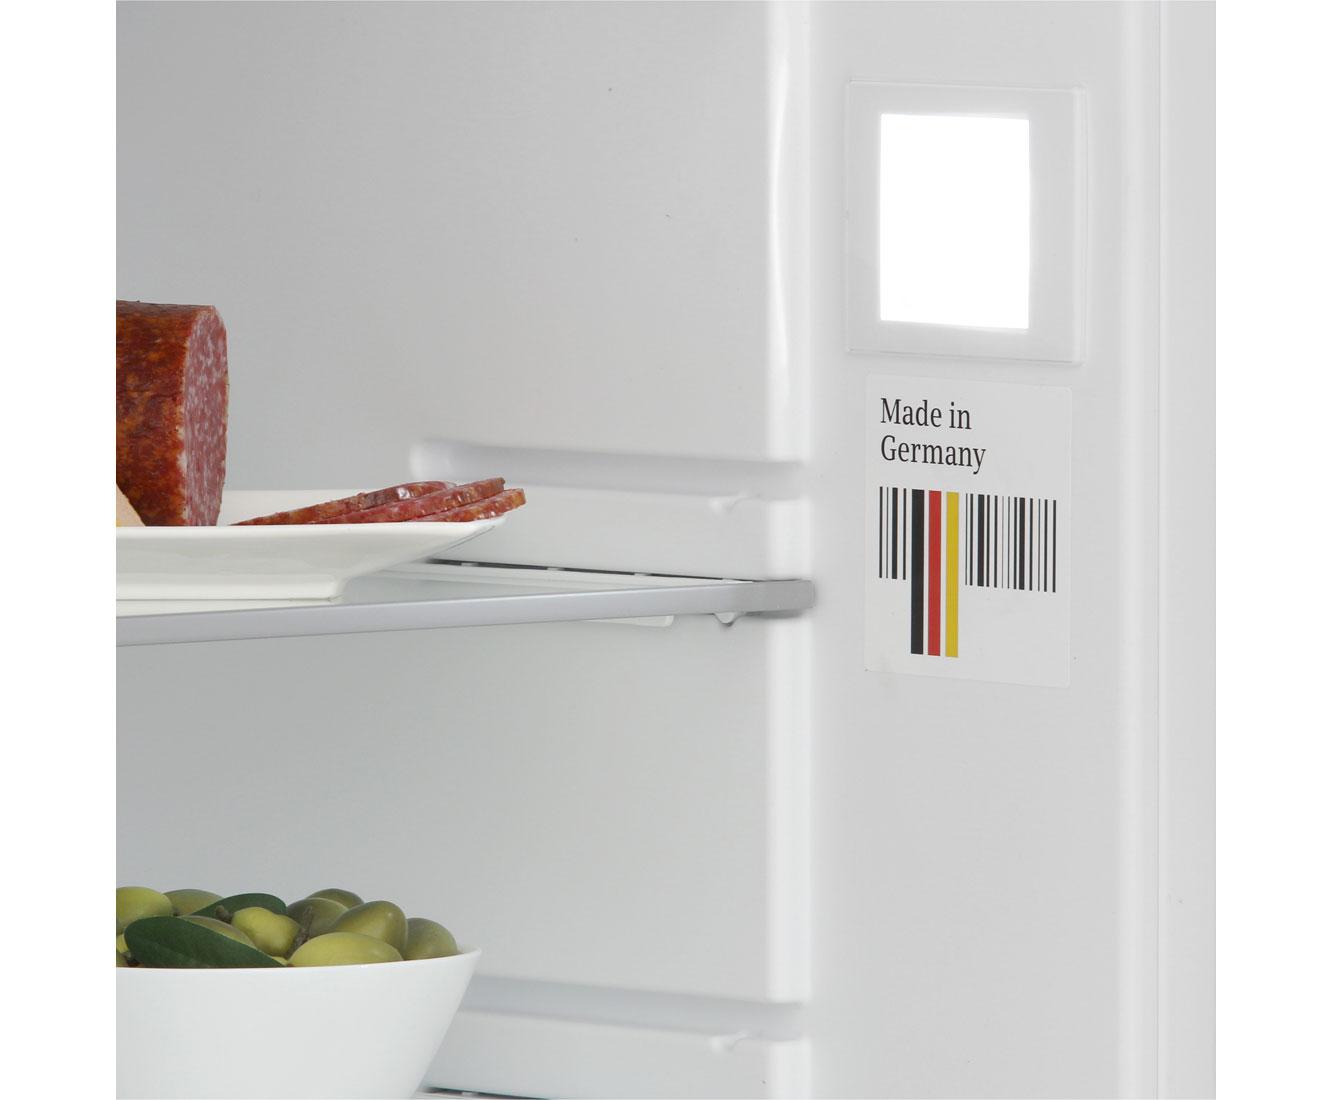 Siemens Kühlschrank Licht Geht Nicht Aus : Siemens ki rvf einbau kühlschrank er nische festtür